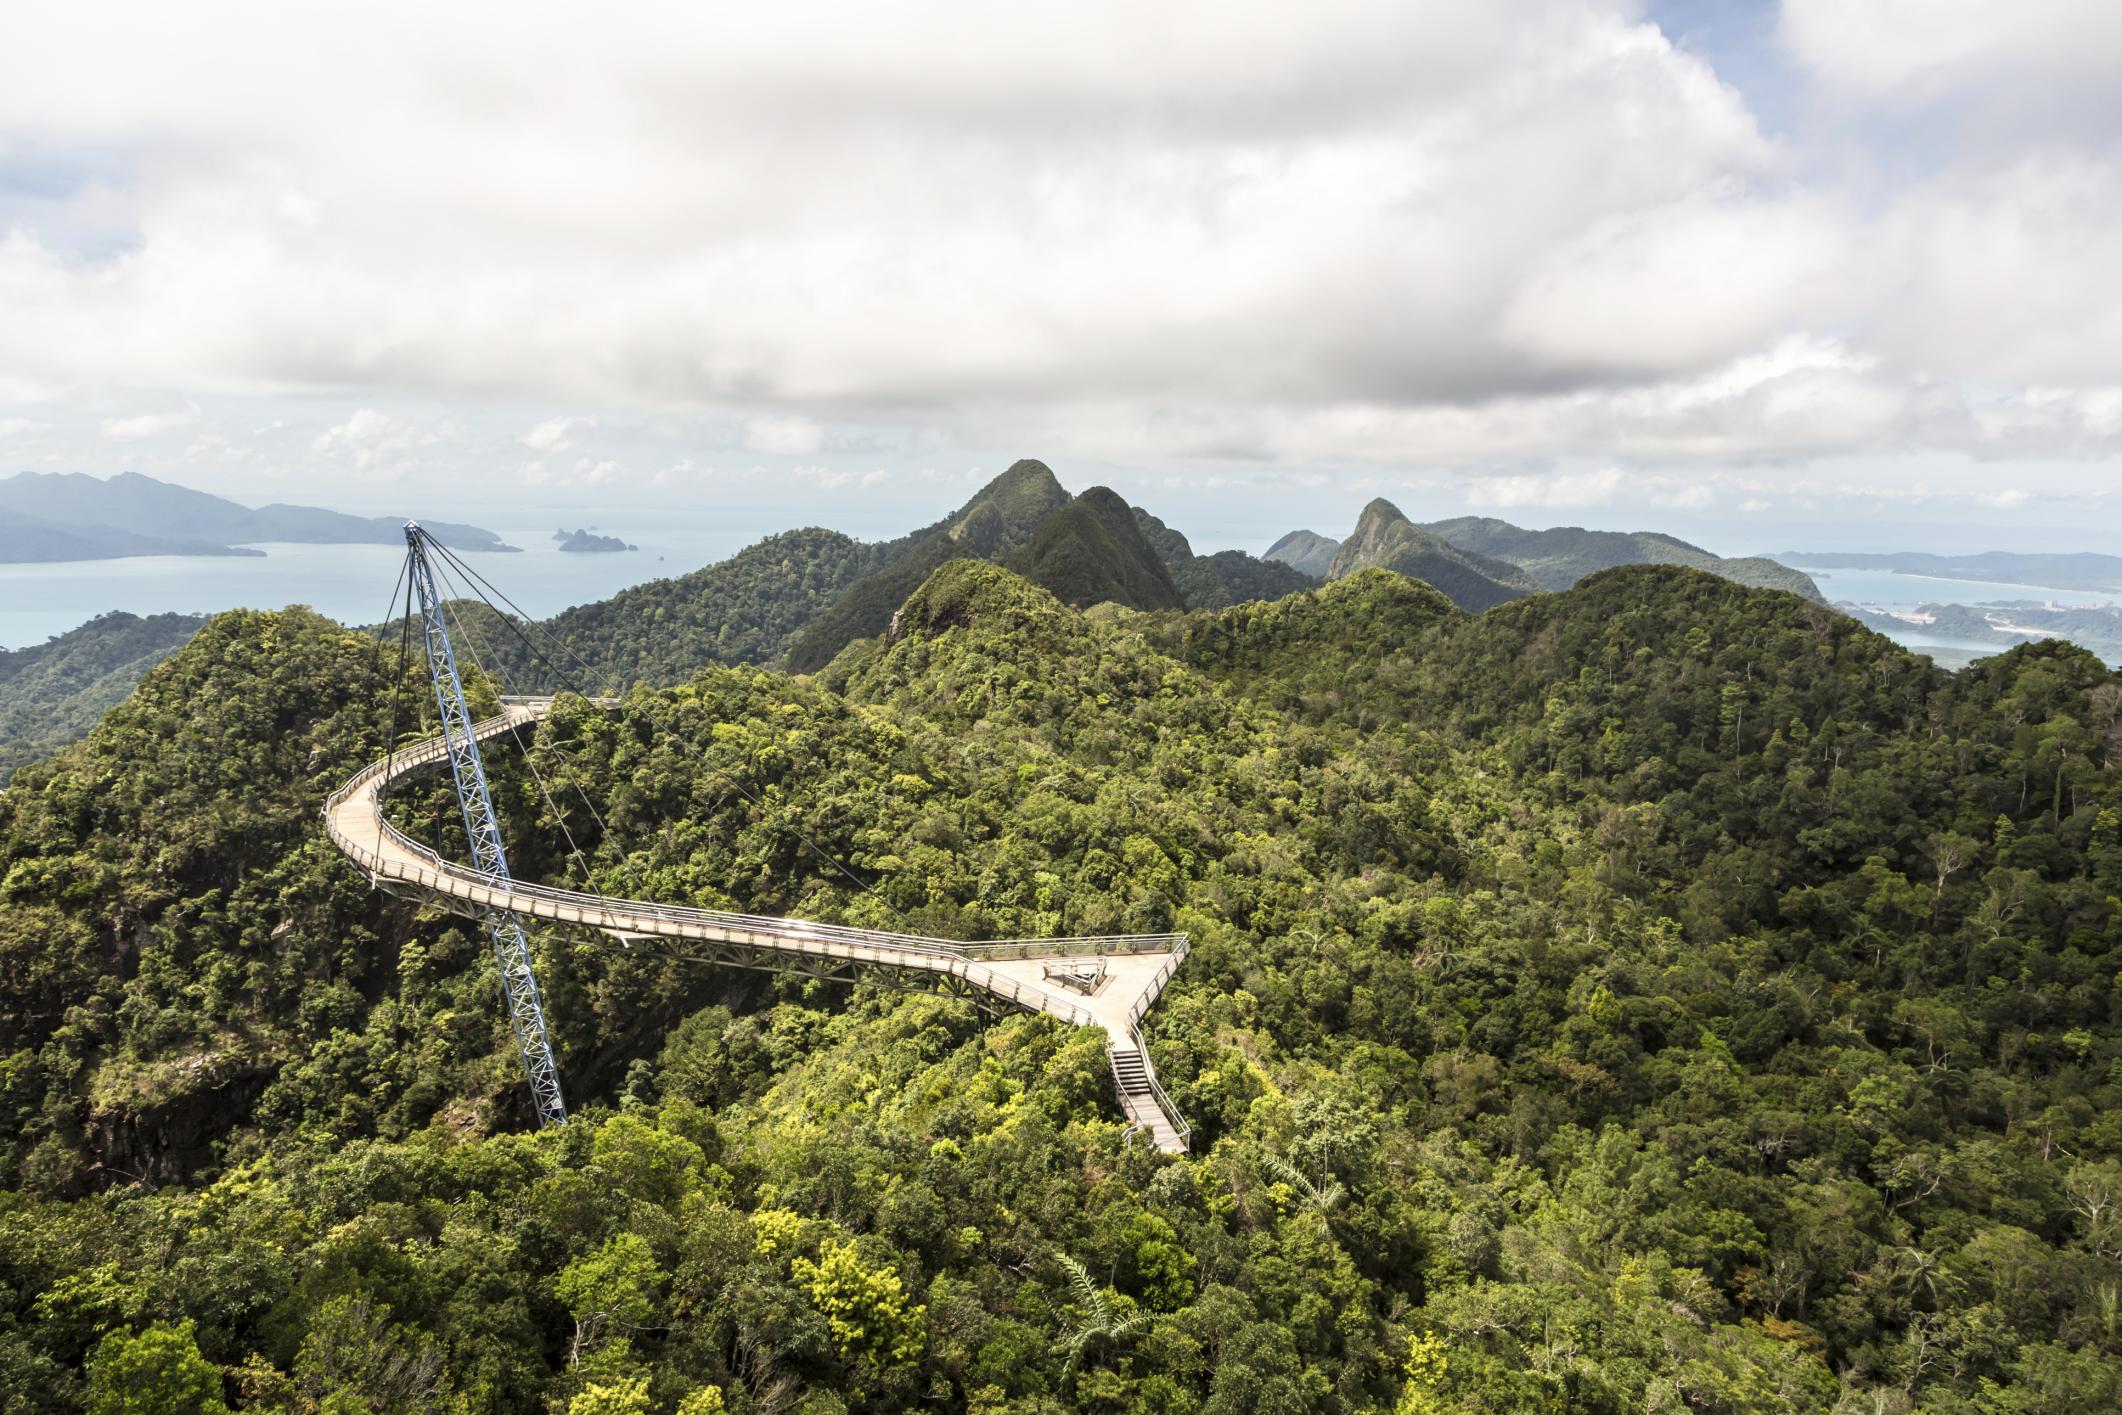 Смотровая площадка Sky Bridge, Лангкави, Малайзия, Азия